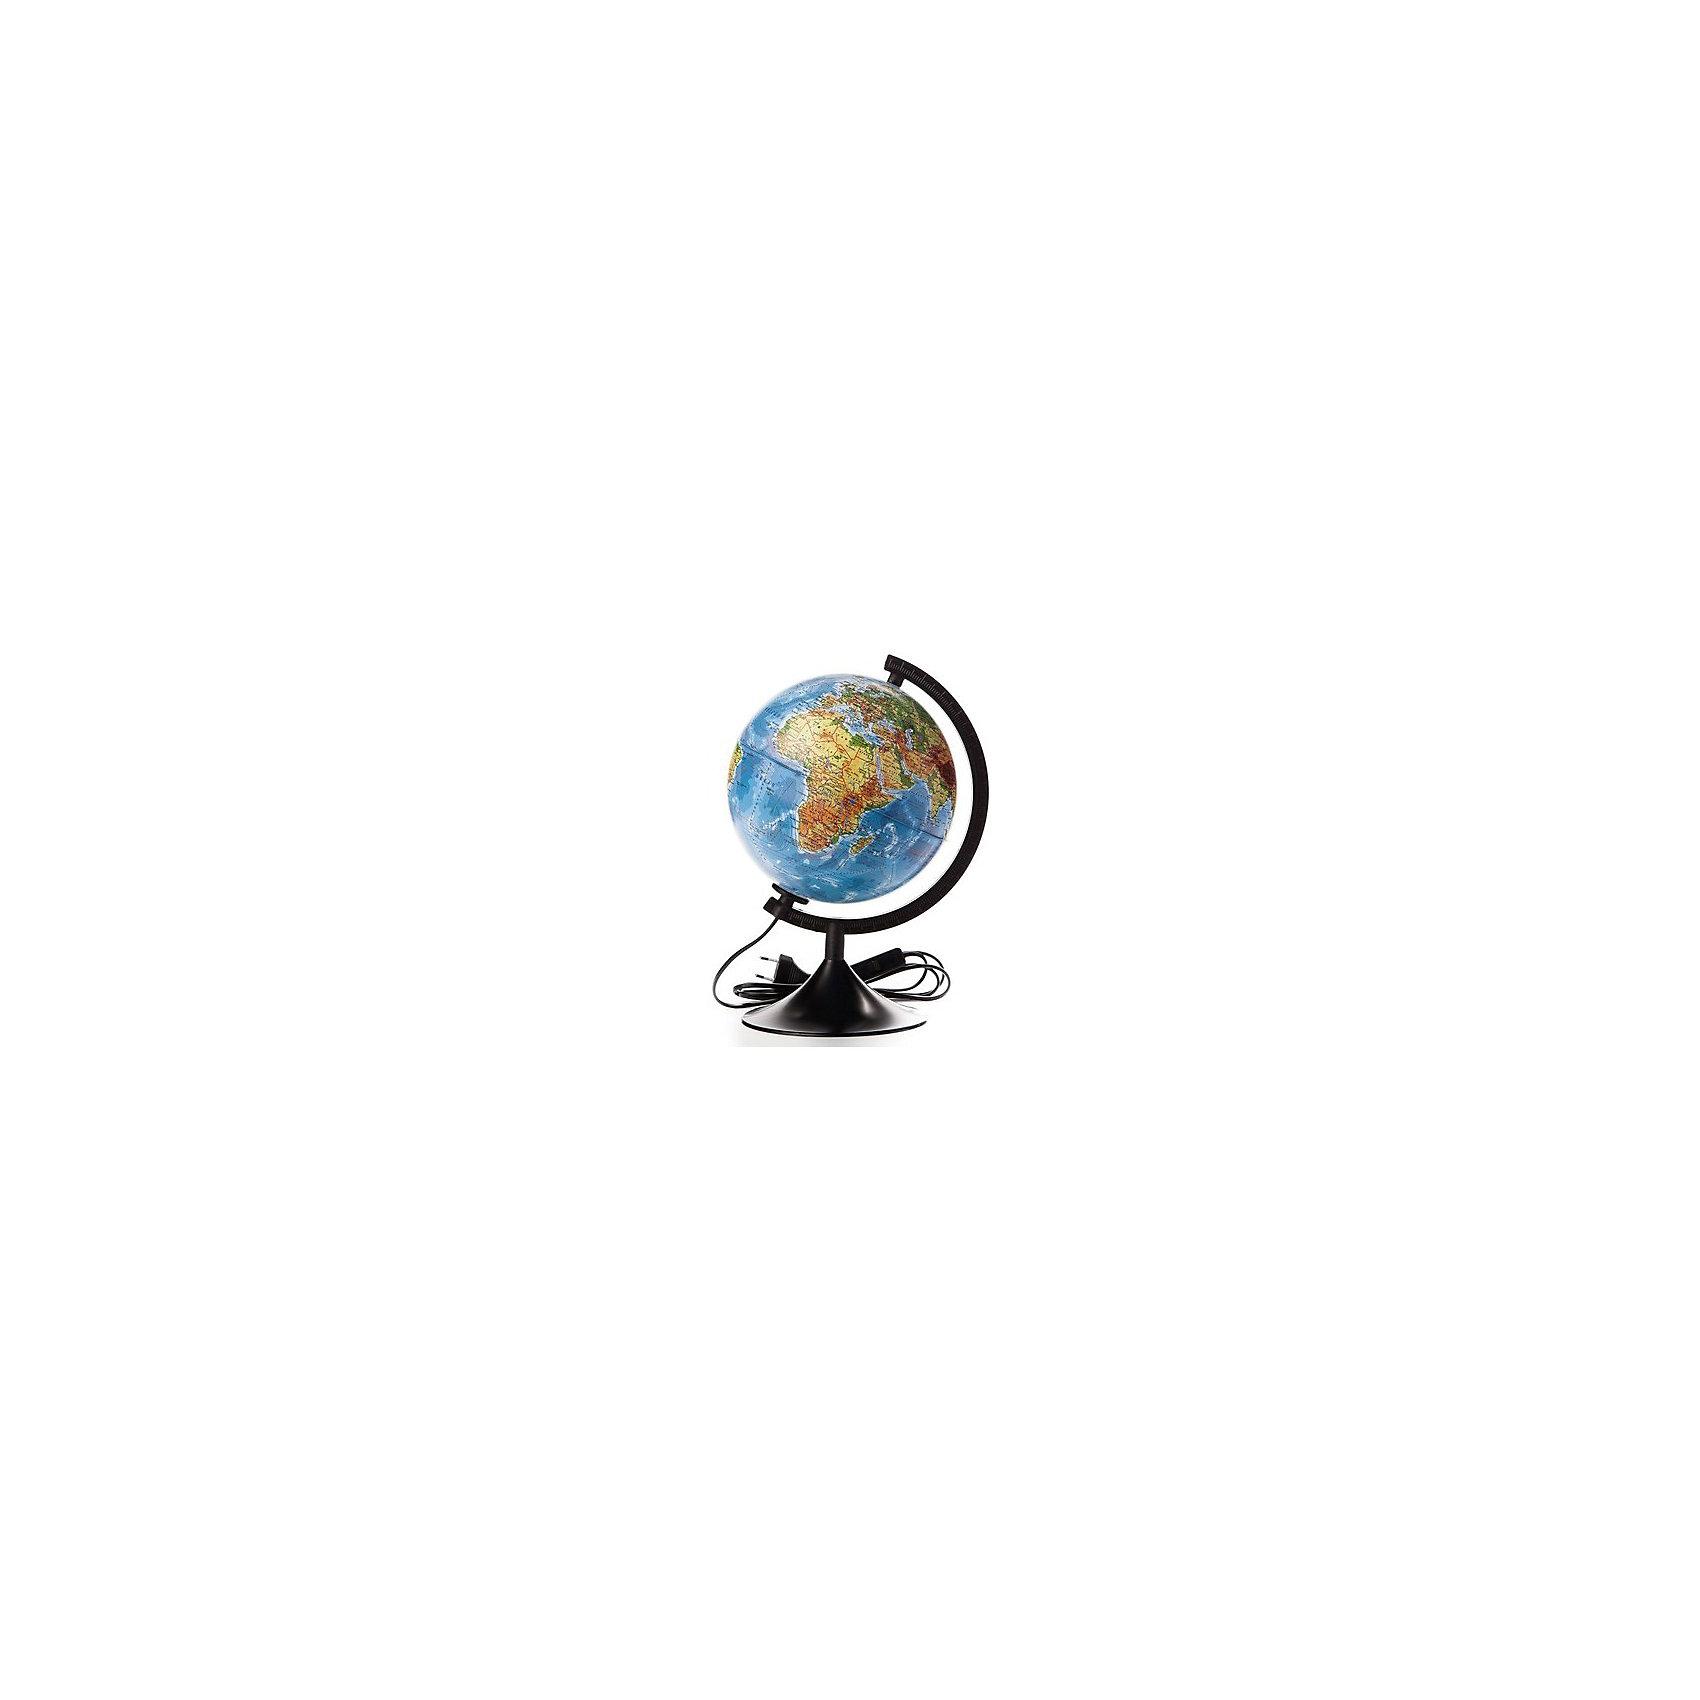 Глобус Земли физический с подсветкой, диаметр 320 ммГлобусы<br>Глобус Земли физический с подсветкой, д-р 320.<br><br>Характеристики:<br><br>• Для детей в возрасте: от 6 лет<br>• Диаметр: 32 см.<br>• Материал: пластик<br>• Цвет подставки и дуги: черный<br>• Подсветка работает от сети<br><br>Глобус Земли физический с подсветкой станет замечательным наглядным пособием для вашего ребенка. Физическая карта отображает ландшафт поверхности земного шара в соответствии с принятыми цветовыми условными обозначениями в картографии. Нанесены названия материков, океанов, морей, течений, заливов, горных хребтов, плоскогорий и низменностей, а также других географических объектов. Кроме этого отображены названия государств. Надписи яркие, четкие на русском языке. Сфера глобуса изготовлена из прочного высококачественного пластика, поэтому она не расколется от случайного падения. Устойчивая подставка и дуга с градусными отметками выполнены из прочного высококачественного пластика черного цвета. Для усиления цветового эффекта можно включить подсветку. Подсветка работает от стационарной сети в 220 Вольт. Провод изолирован, есть переключатель.<br><br>Глобус Земли физический с подсветкой, д-р 320 можно купить в нашем интернет-магазине.<br><br>Ширина мм: 350<br>Глубина мм: 320<br>Высота мм: 320<br>Вес г: 900<br>Возраст от месяцев: 72<br>Возраст до месяцев: 2147483647<br>Пол: Унисекс<br>Возраст: Детский<br>SKU: 5504476